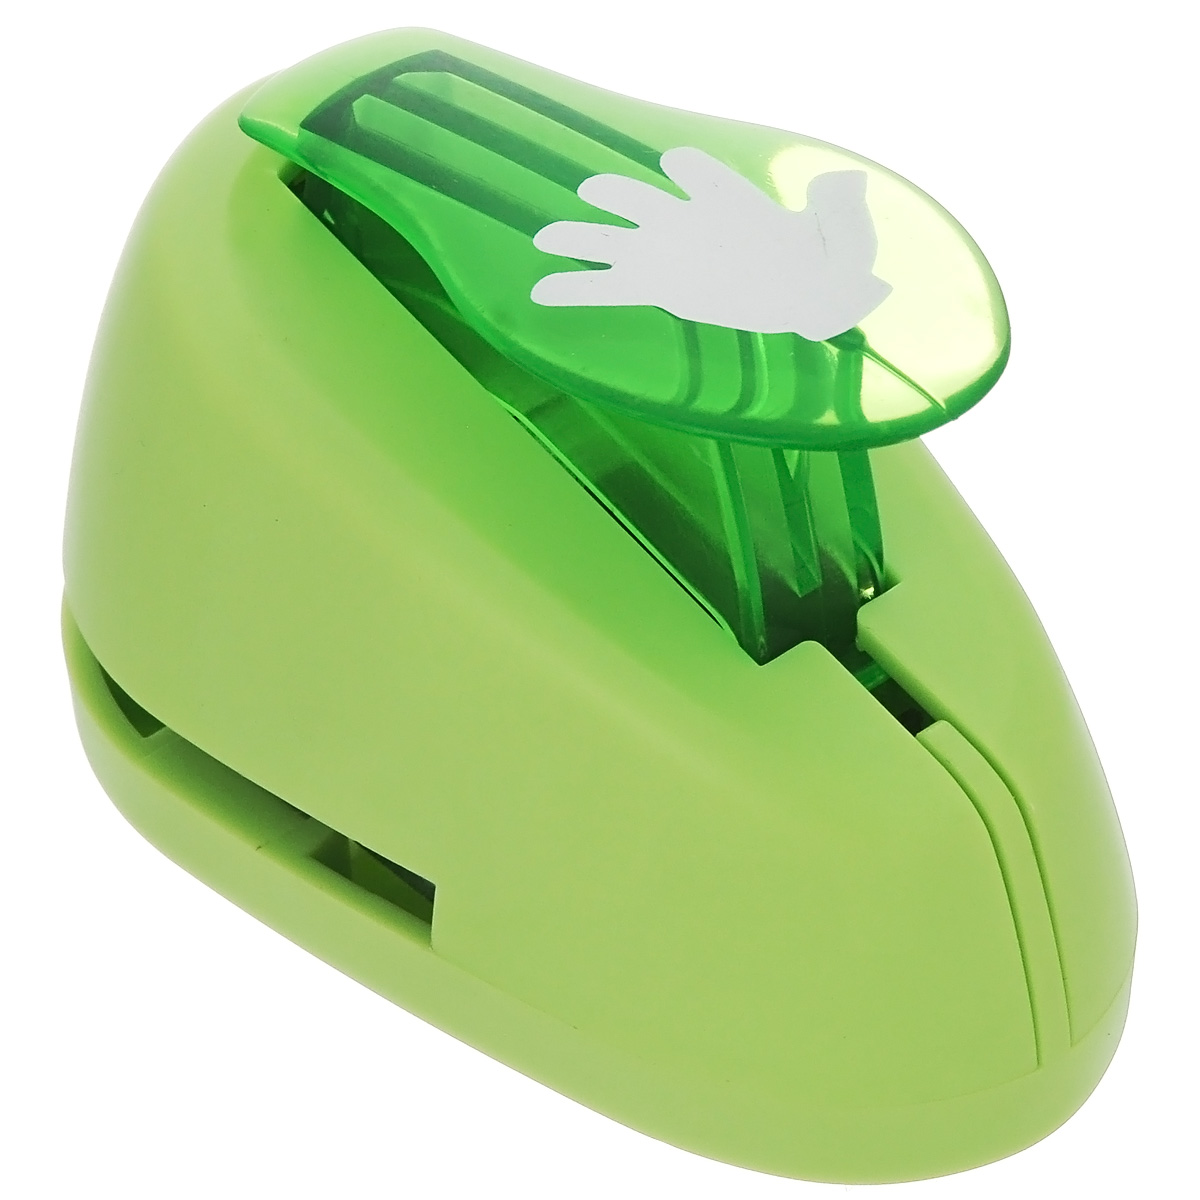 Дырокол фигурный Астра Ладошка. 7709605_287709605_28 - ладошкаДырокол Астра Ладошка, изготовленный из прочного металла и пластика,поможет вам легко, просто и аккуратно вырезать много одинаковых мелкихфигурок. Режущие части компостера закрыты пластиковым корпусом, что обеспечиваетбезопасность для детей. Вырезанные фигурки в виде ладошек накапливаются в специальном резервуаре. Можно использовать вырезанные мотивы как конфетти или для наклеивания.Дырокол подходит для разных техник: декупажа, скрапбукинга, декорирования. Размер дырокола: 8 см х 5 см х 5 см. Размер готовой фигурки: 2,5 см х 2,5 см.